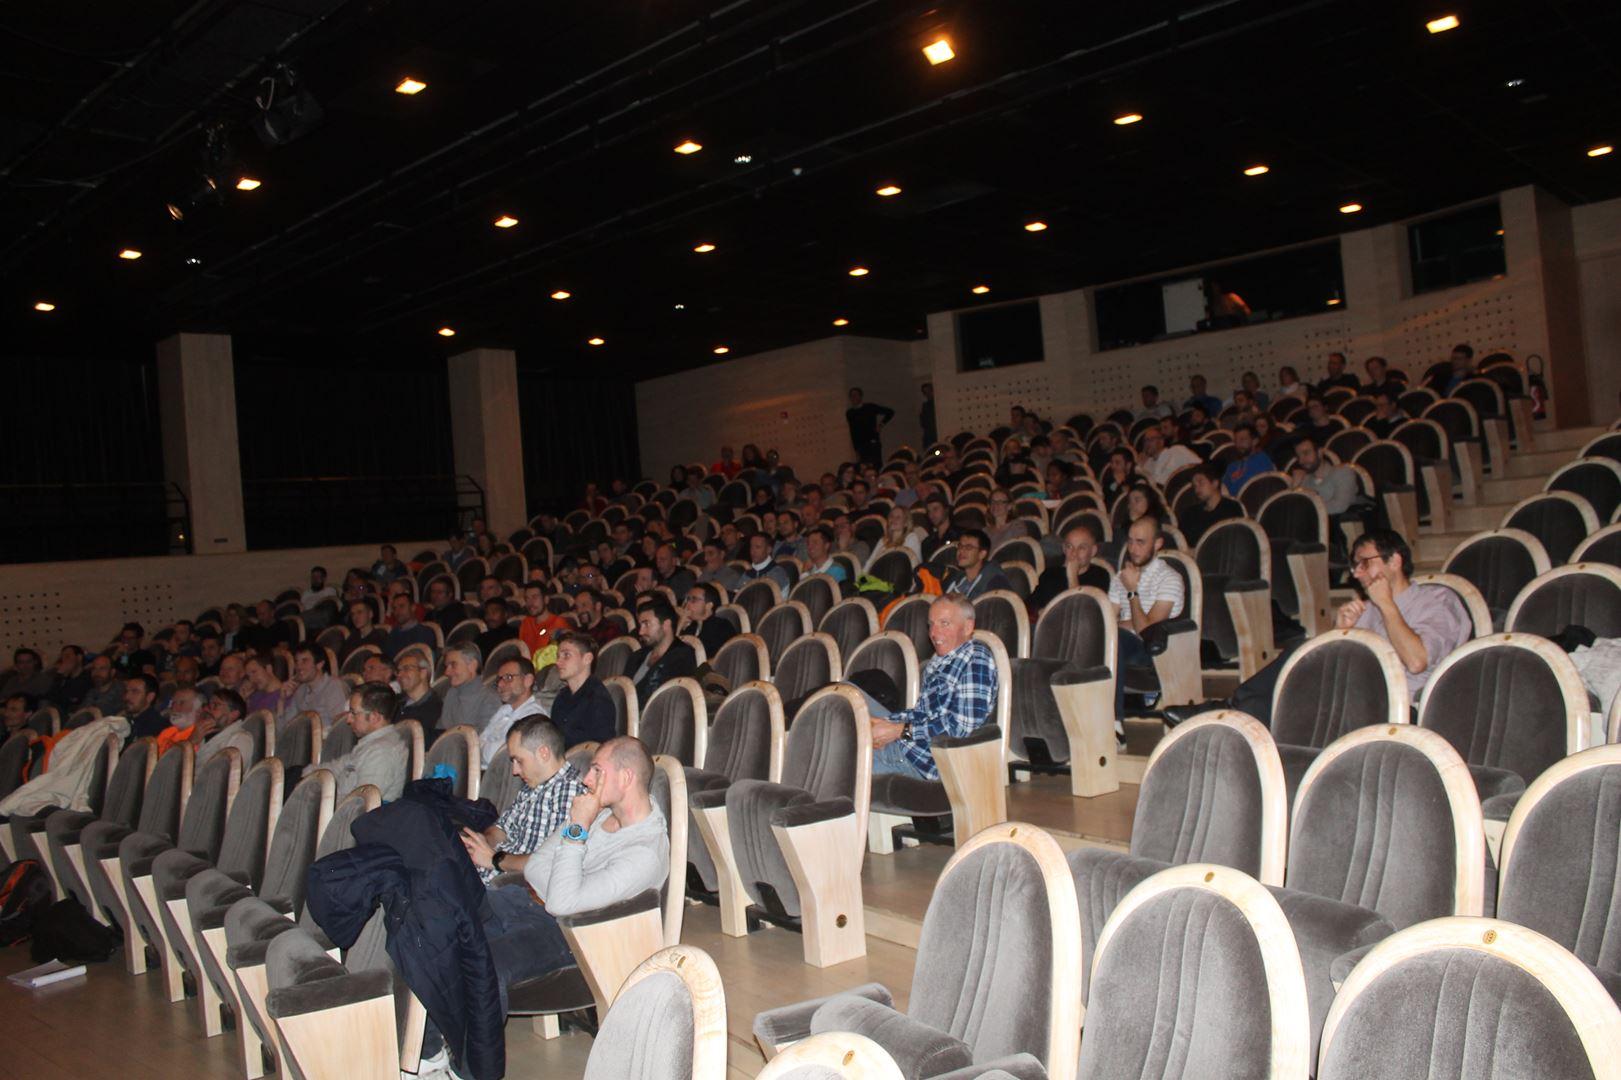 copie 0 IMG 0630 - REUSSIR SON UTMB ET SES ULTRAS (conférence qui s'est déroulée à Chambéry en décembre)